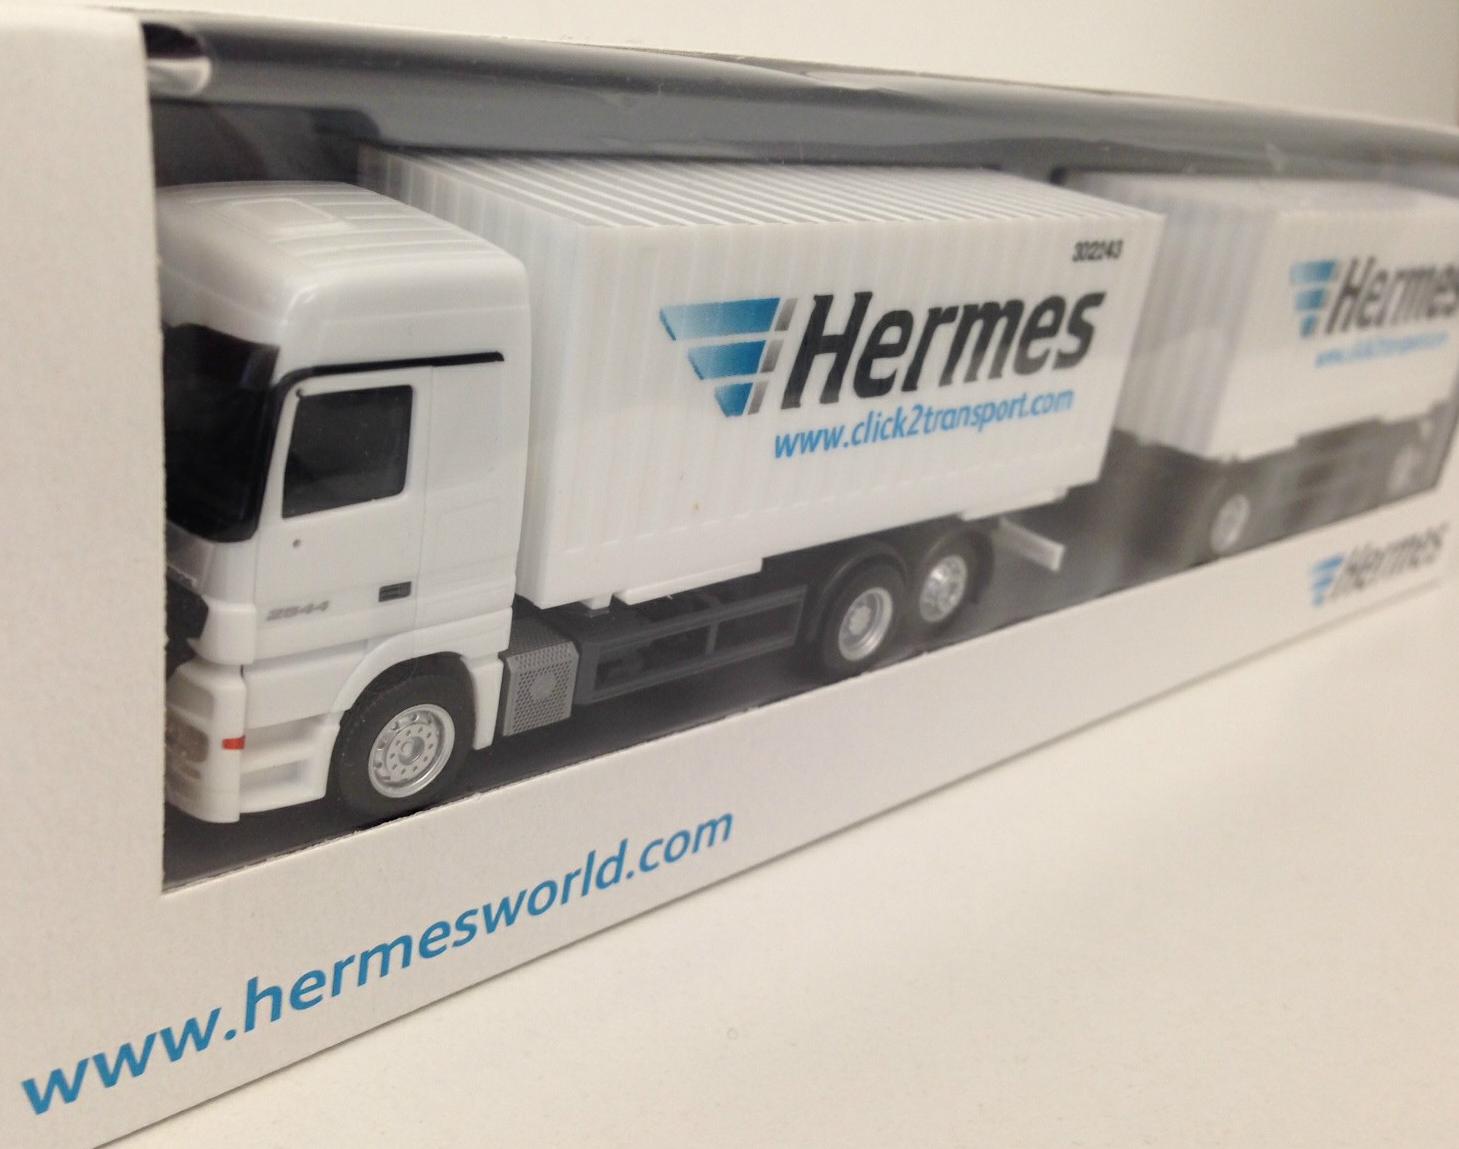 Briefe Verschicken Mit Hermes : Montagsverlosung im hermes gewinnen sie einen